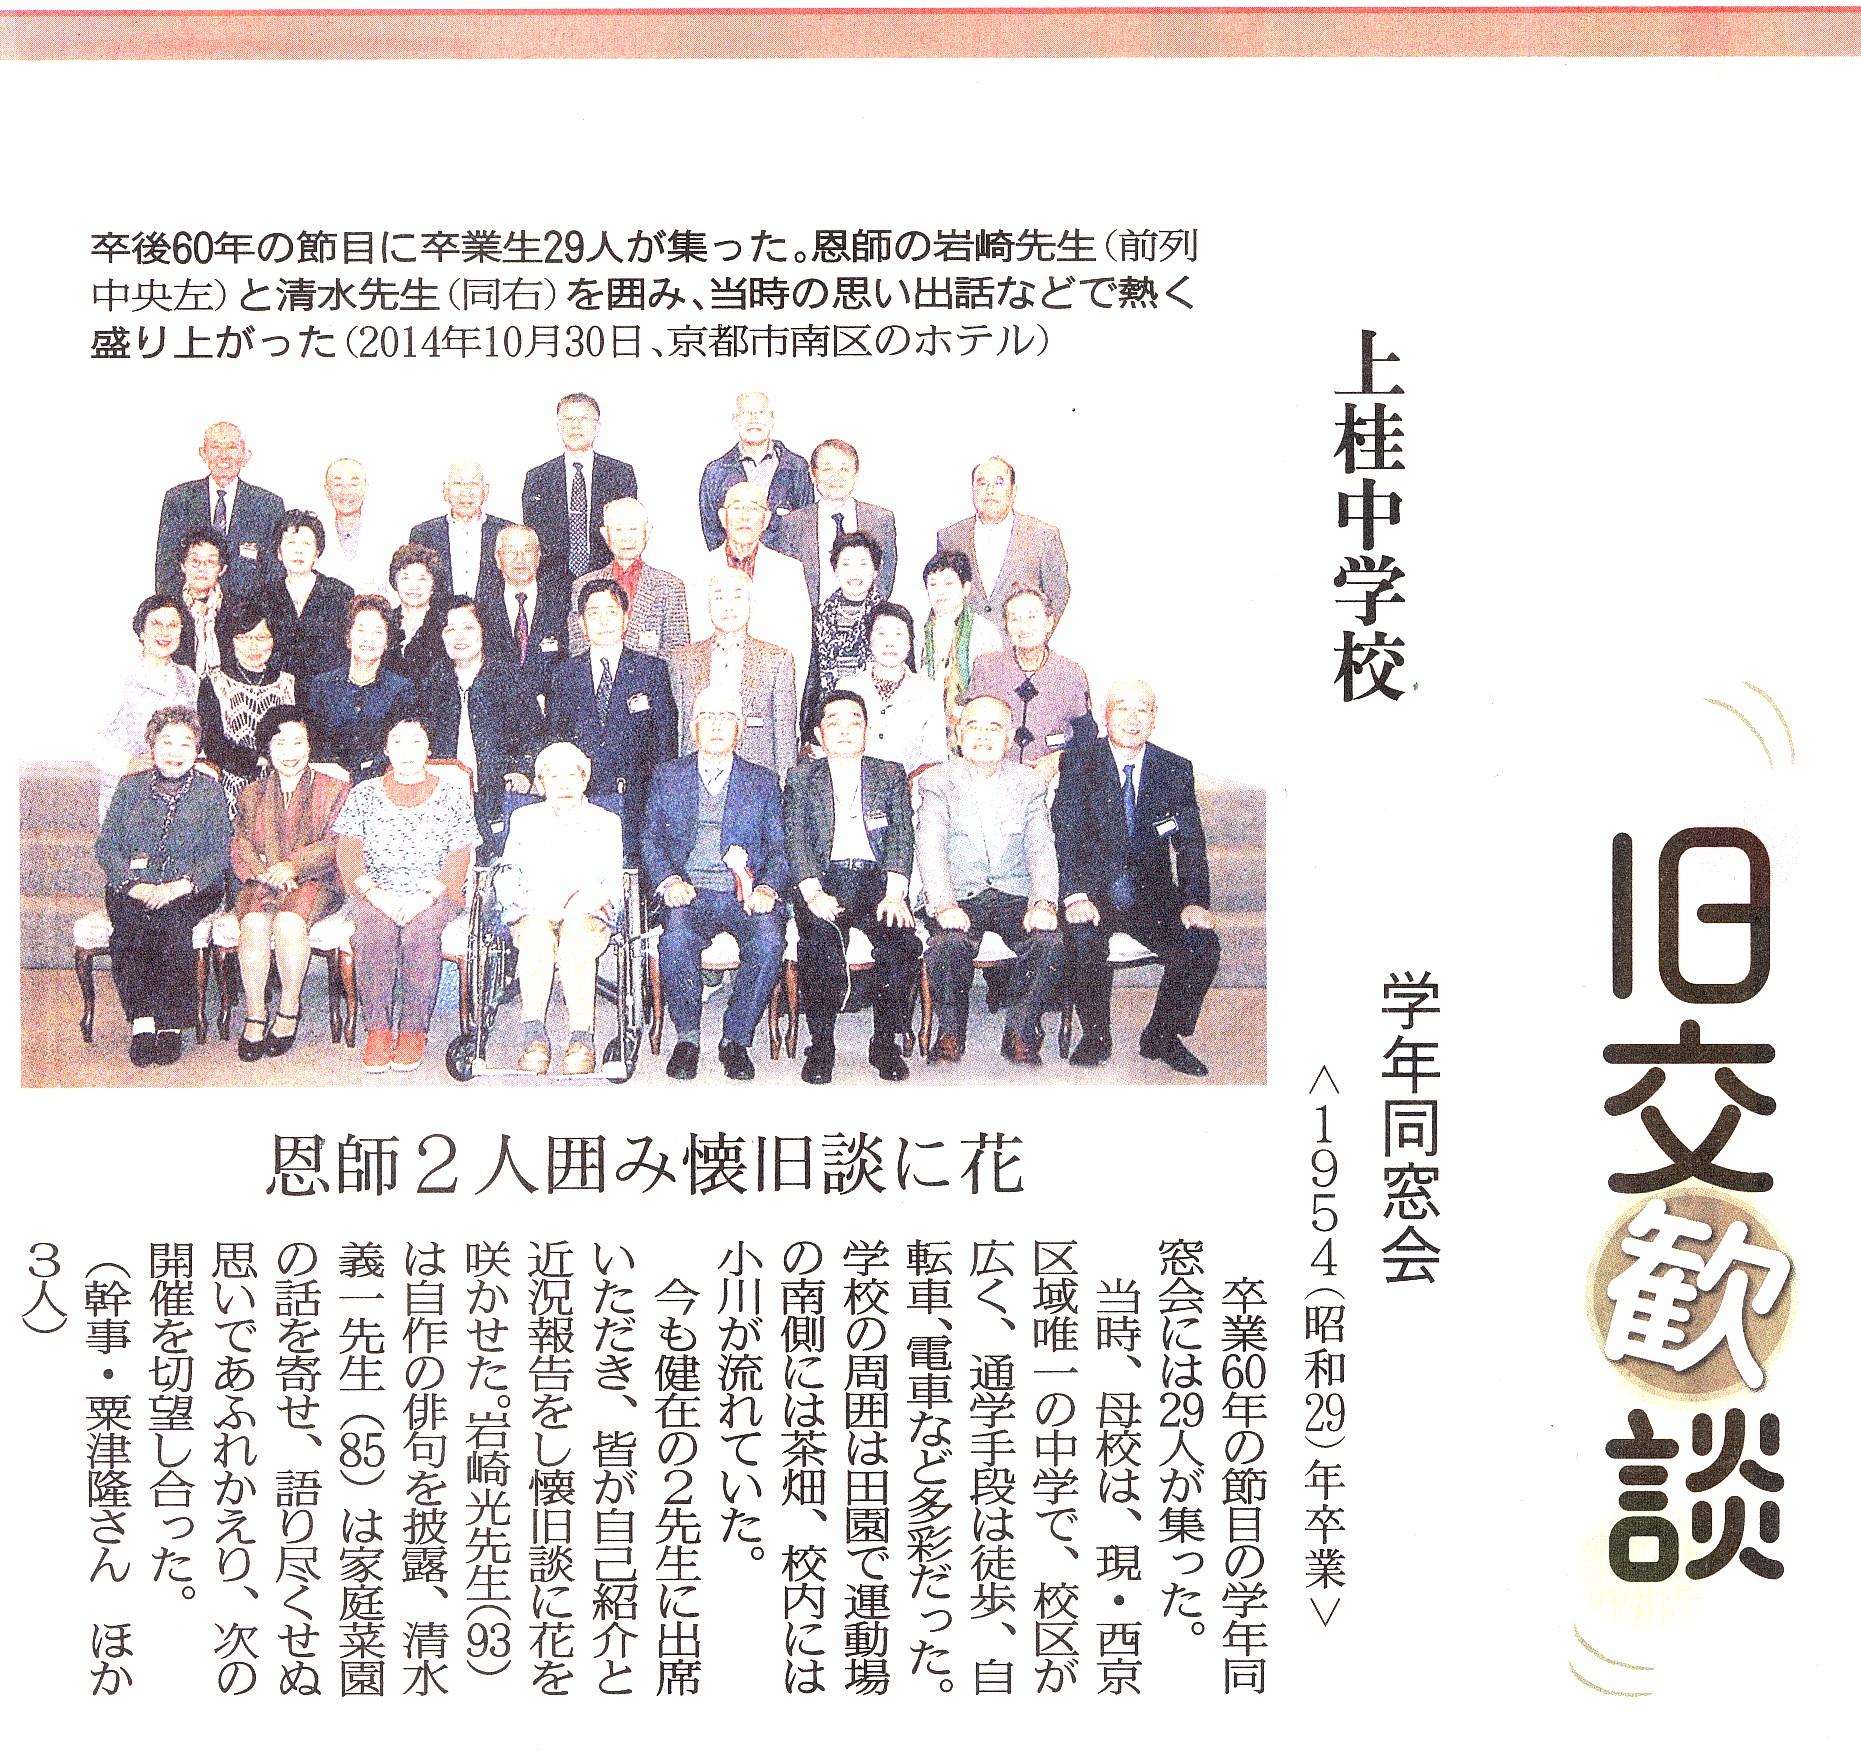 京都市立上桂中学校卒業60周年記念同窓会 最前列右から2人目(京都新聞掲載) 2014年10月